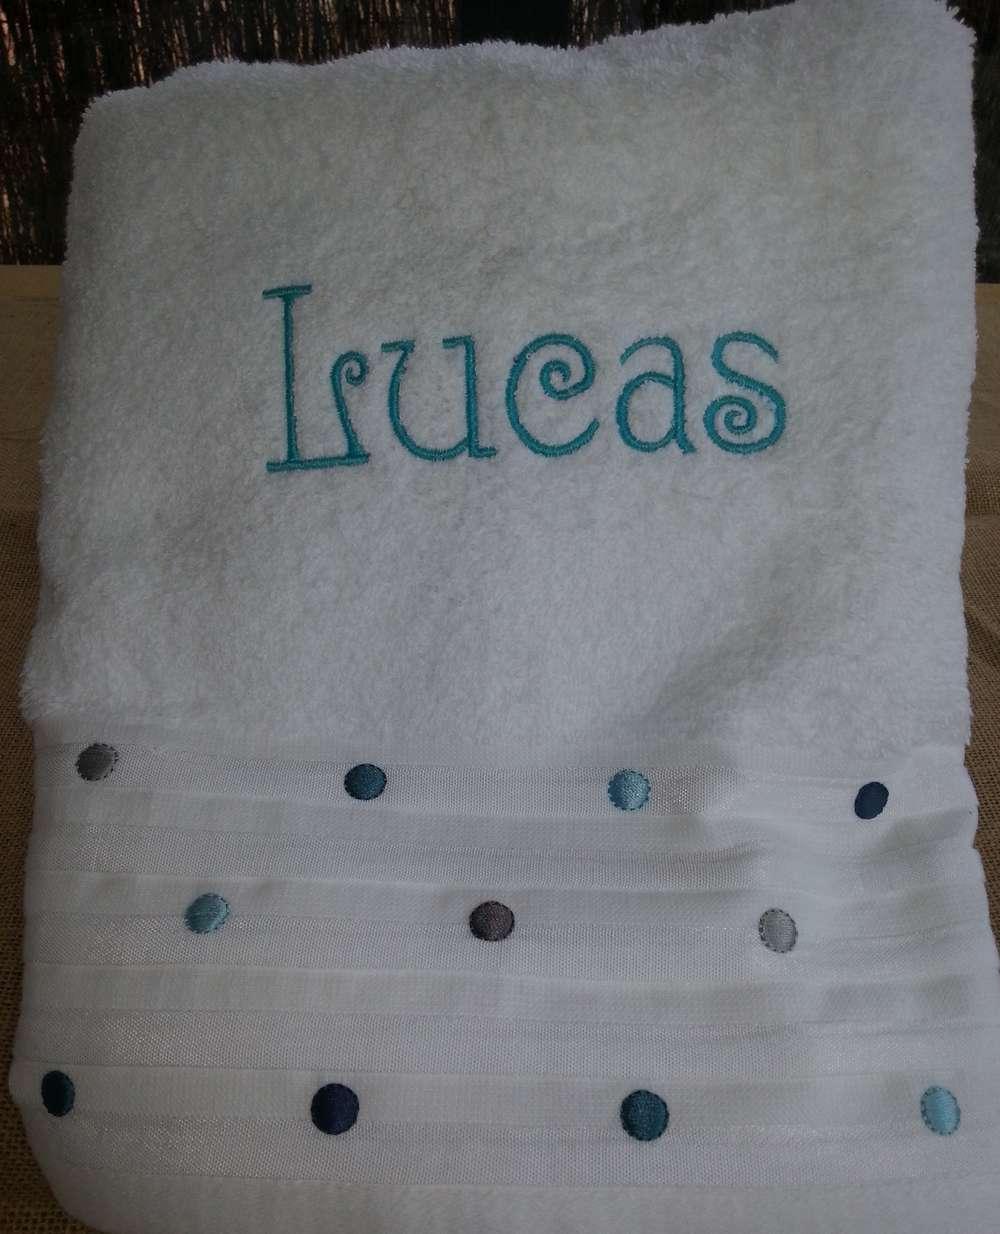 Drap de bain blanc brodé Lucas en turquoise